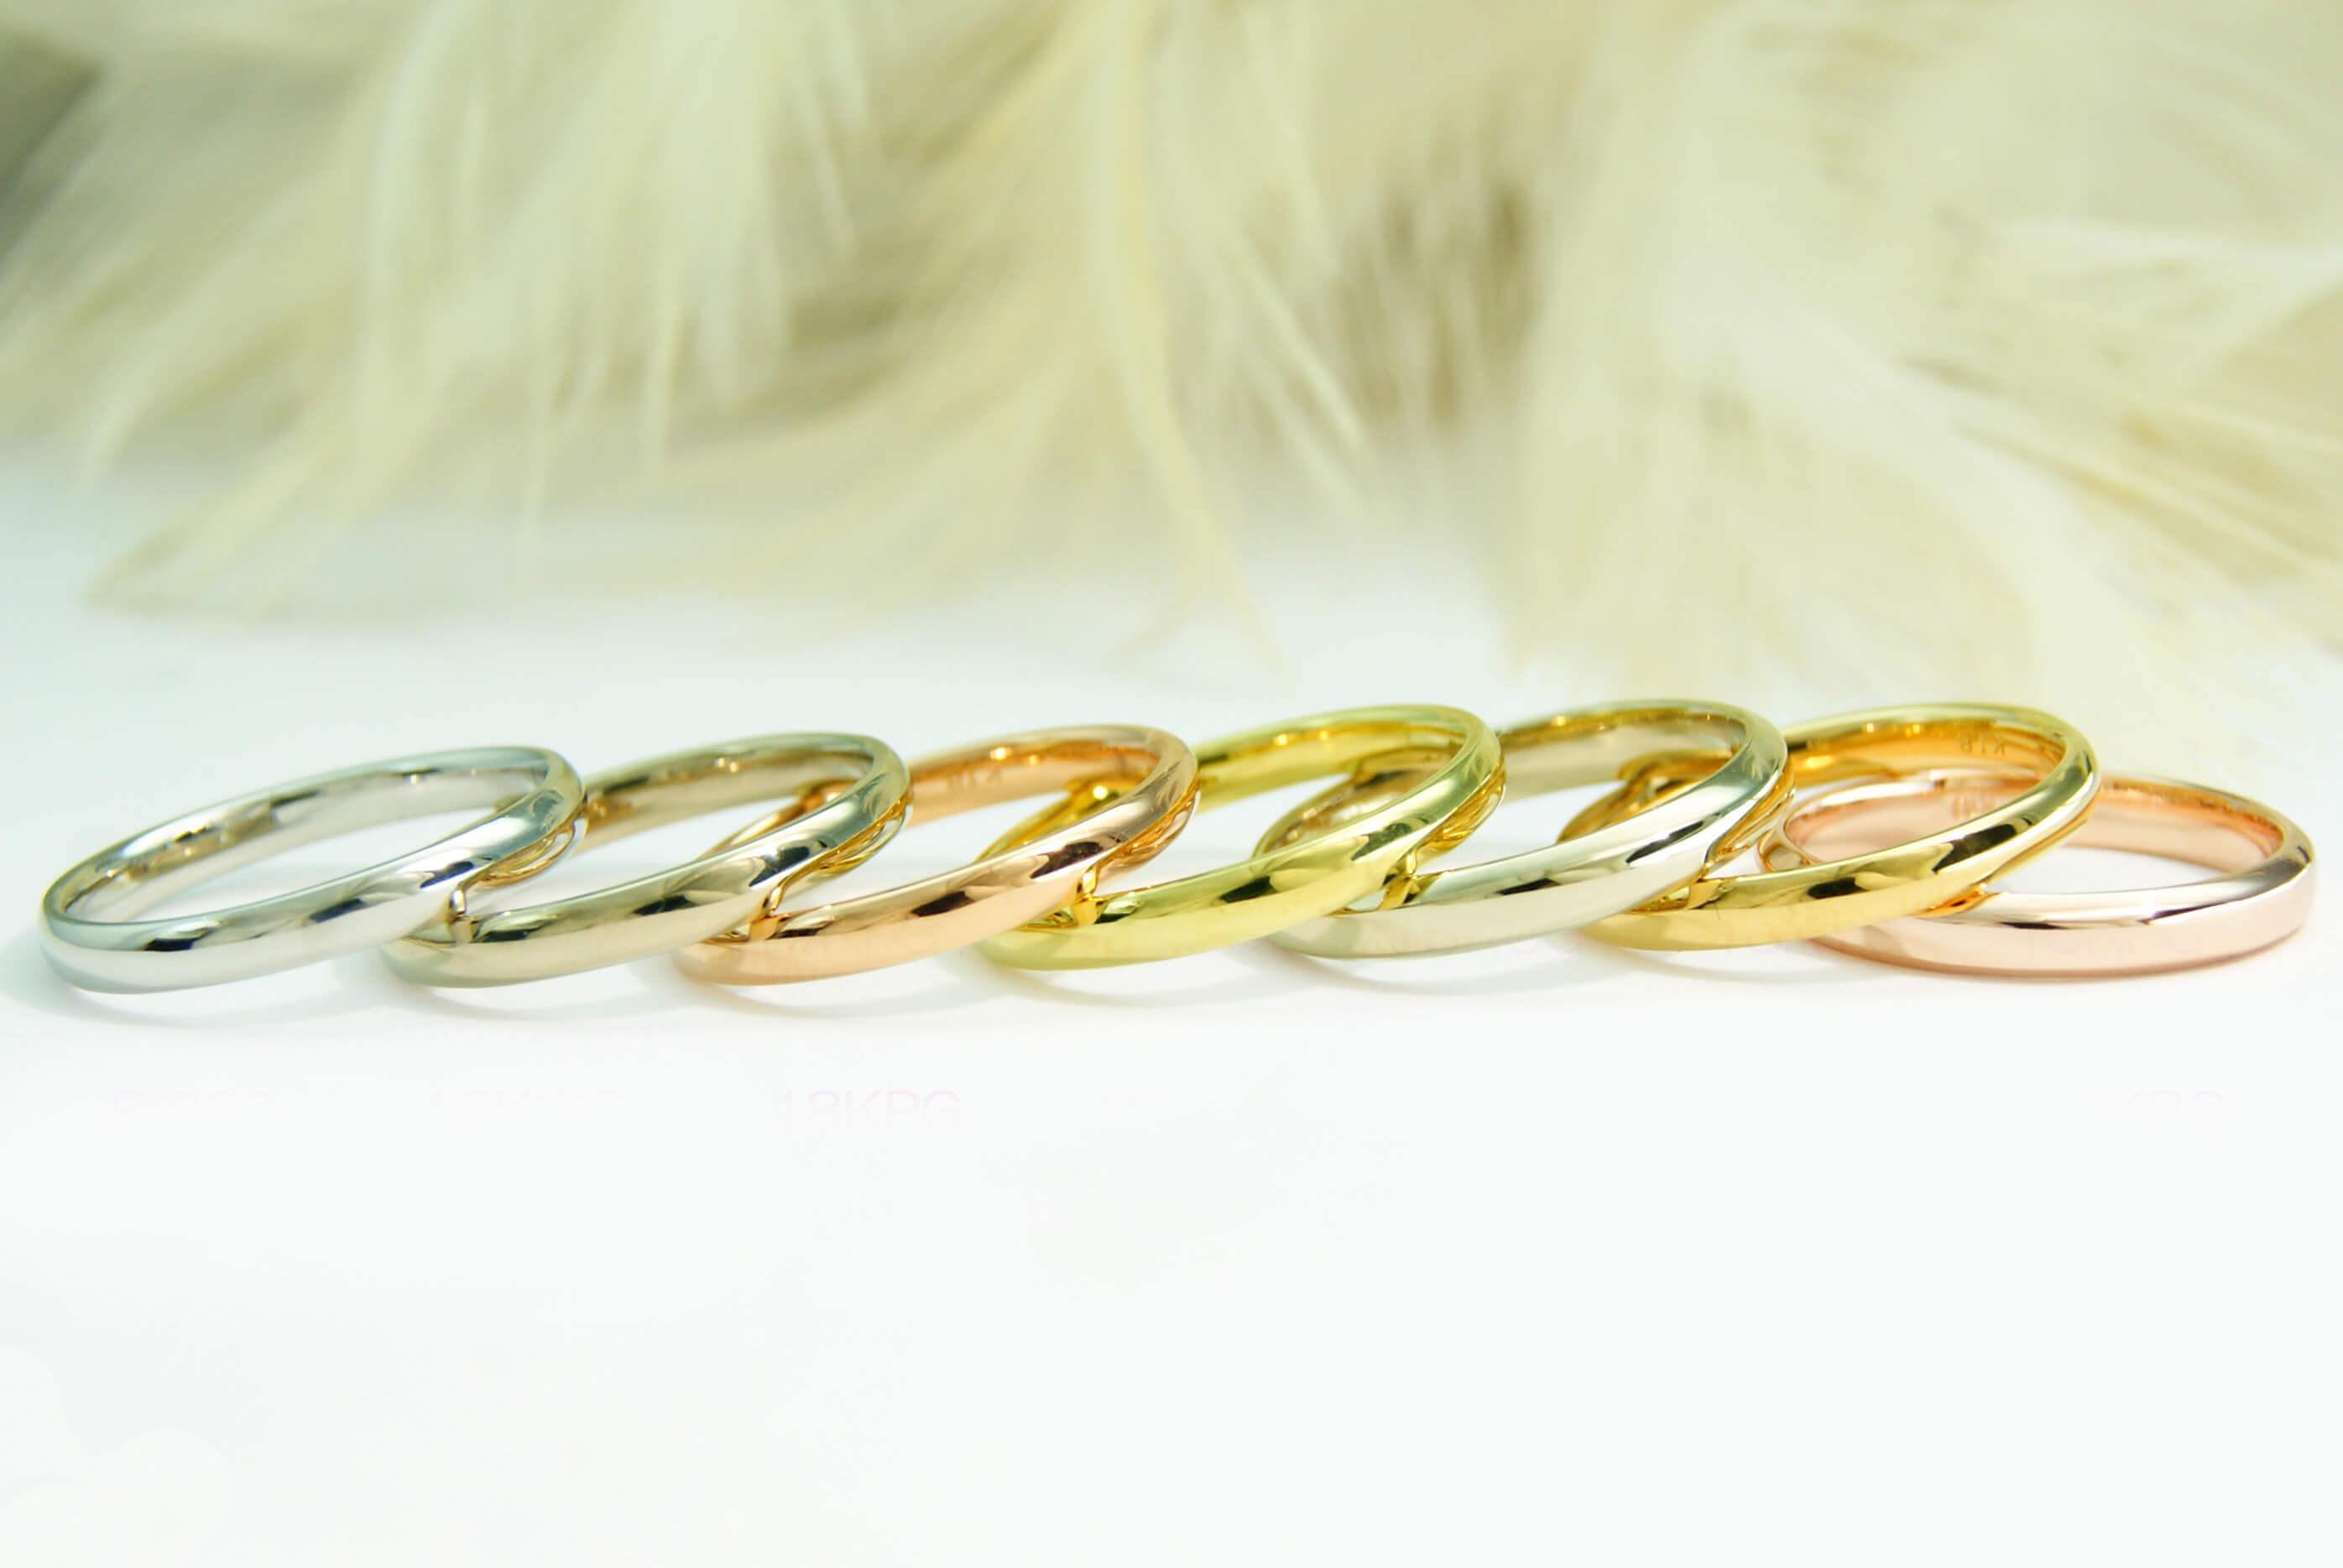 加工法 | 取り扱い貴金属 | かざりやゆい | 世界に一つだけの結婚指輪「kazariya Yui」 | 福島県郡山市